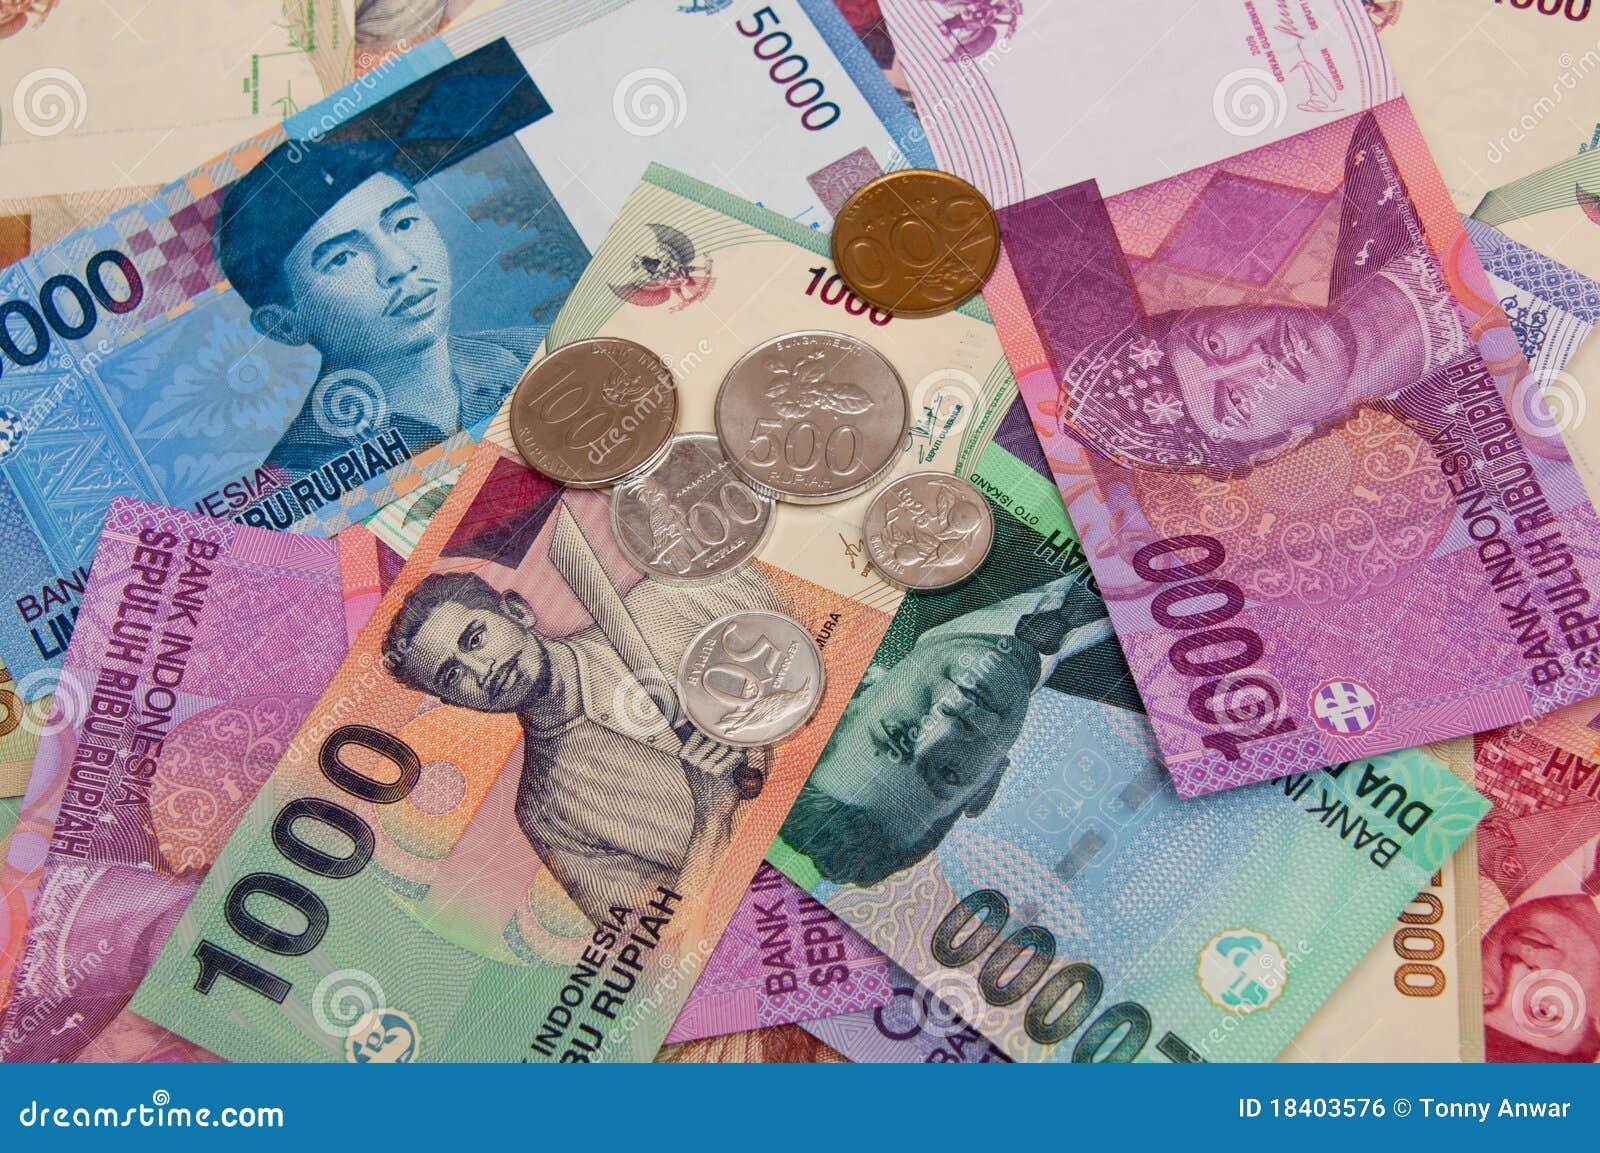 Asiatisches Bargeld